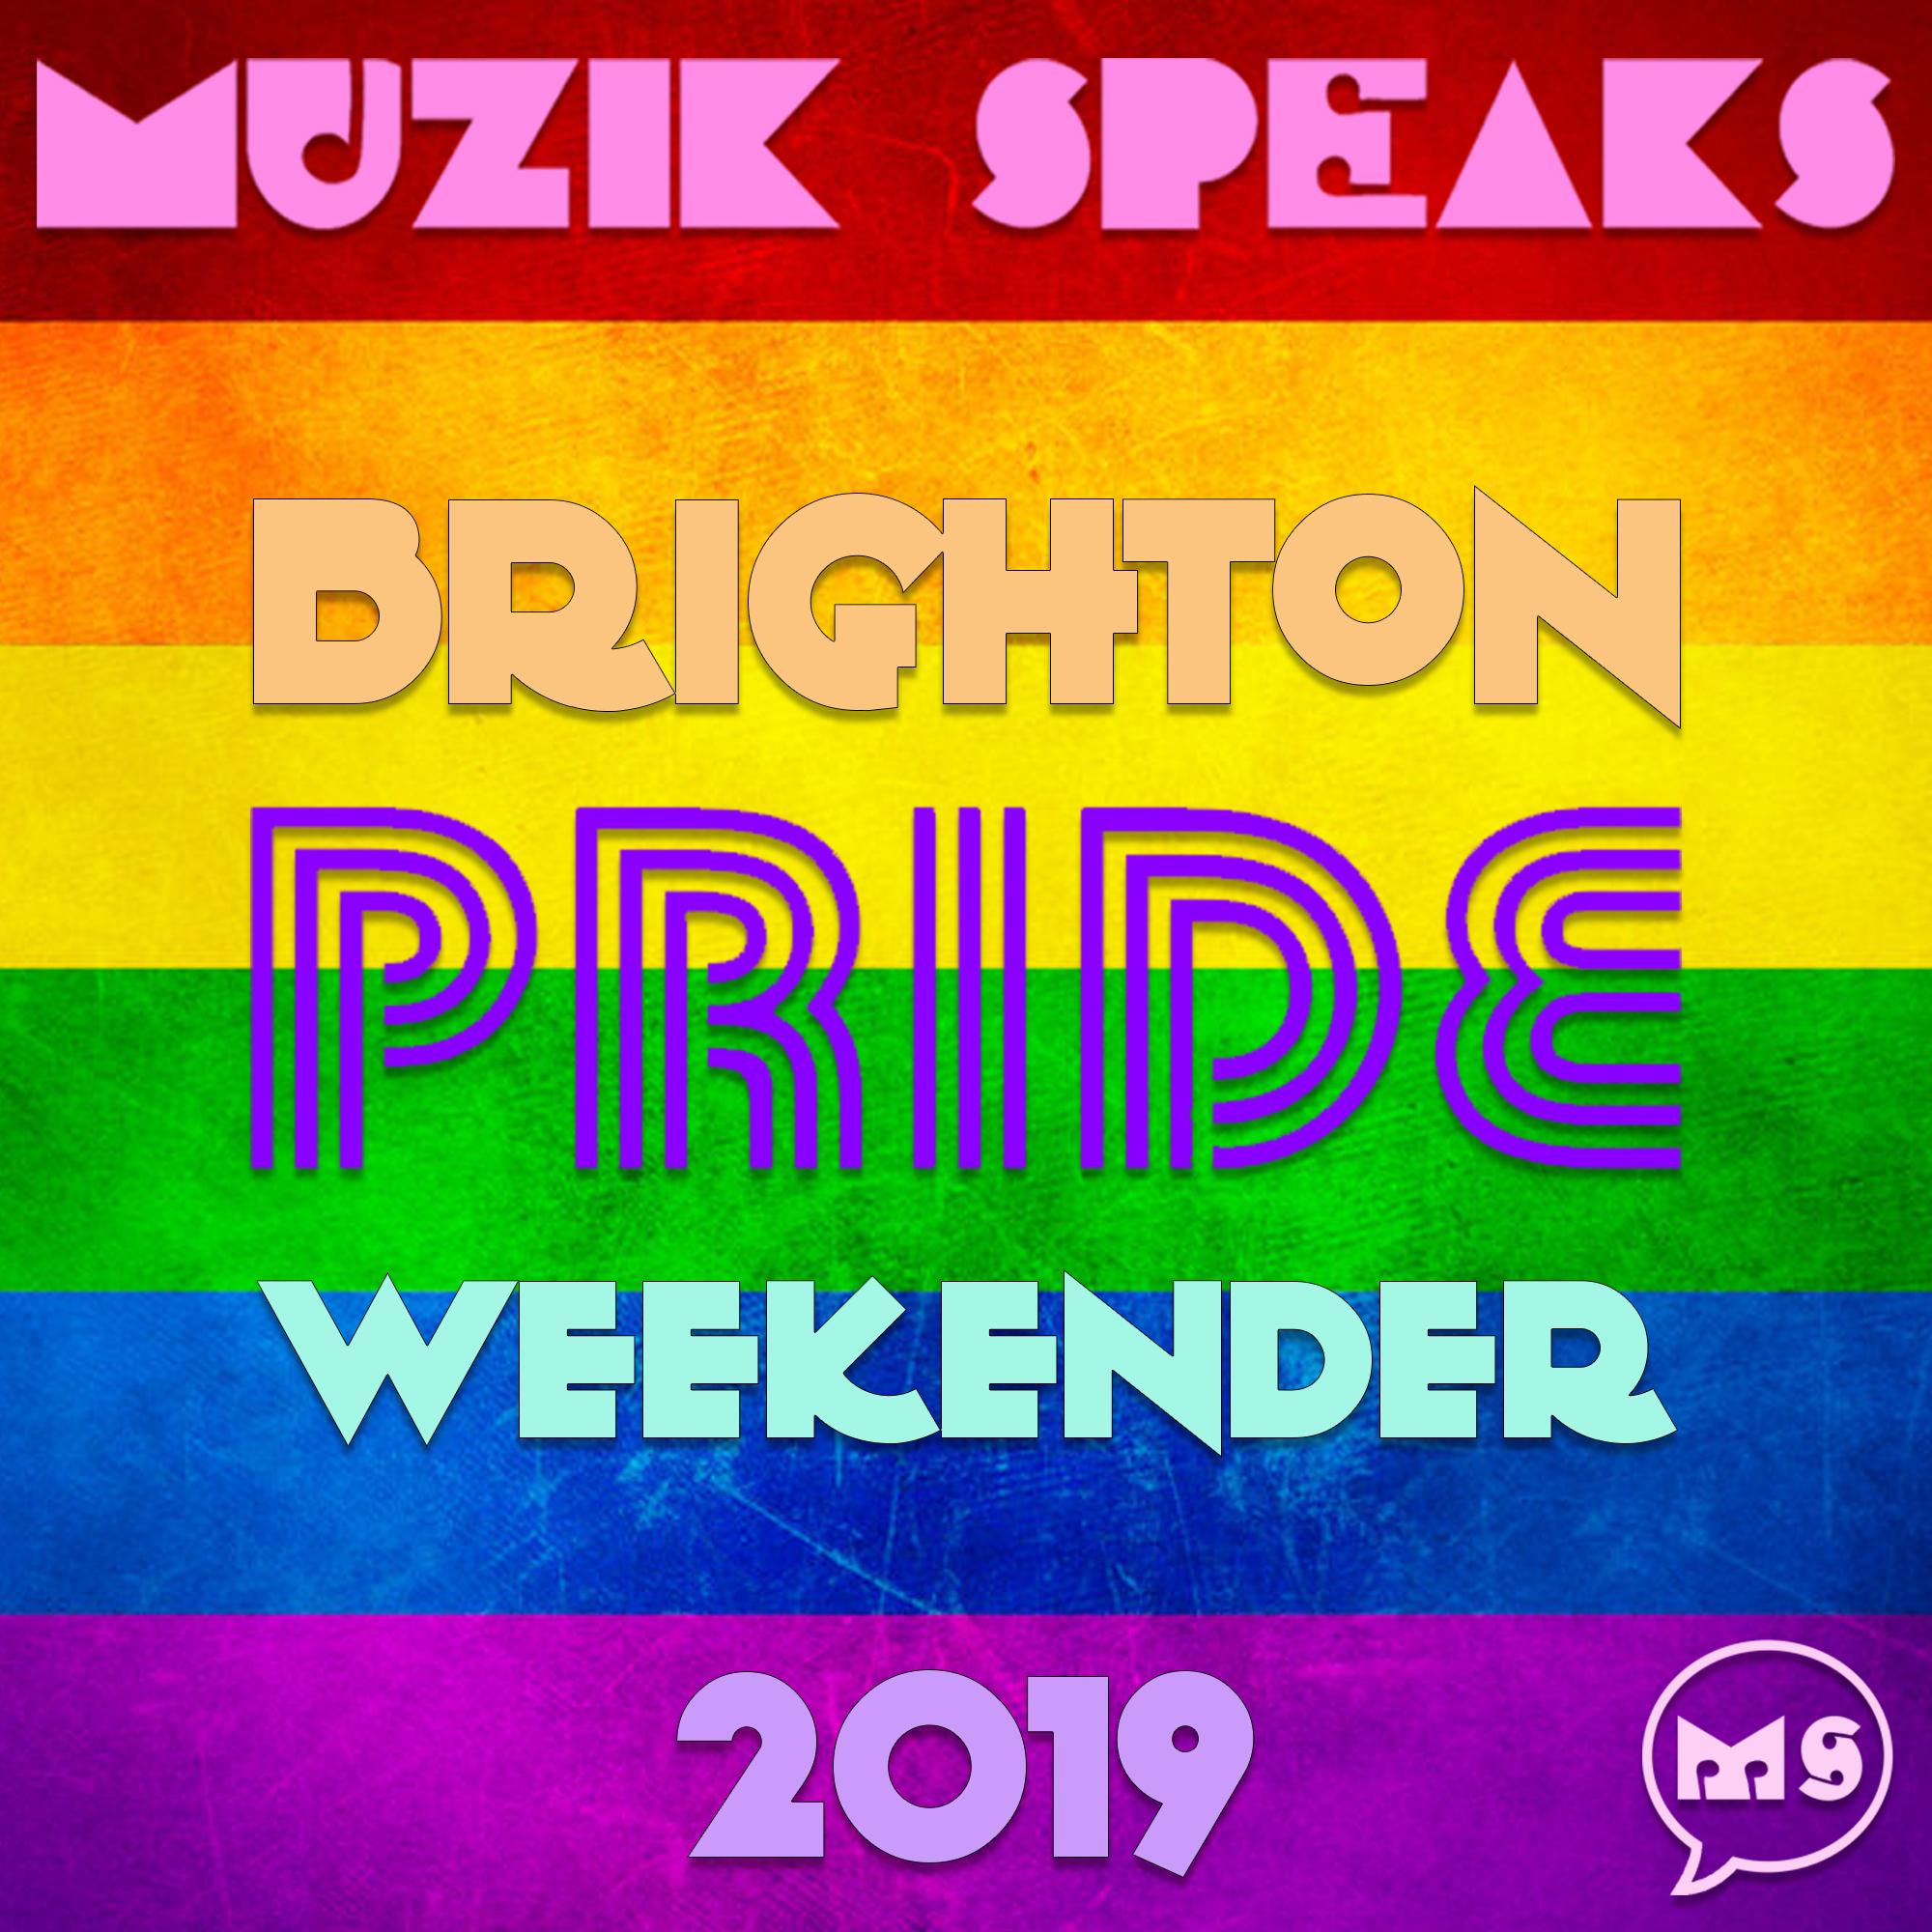 Brighton Pride Weekender 2019.jpg